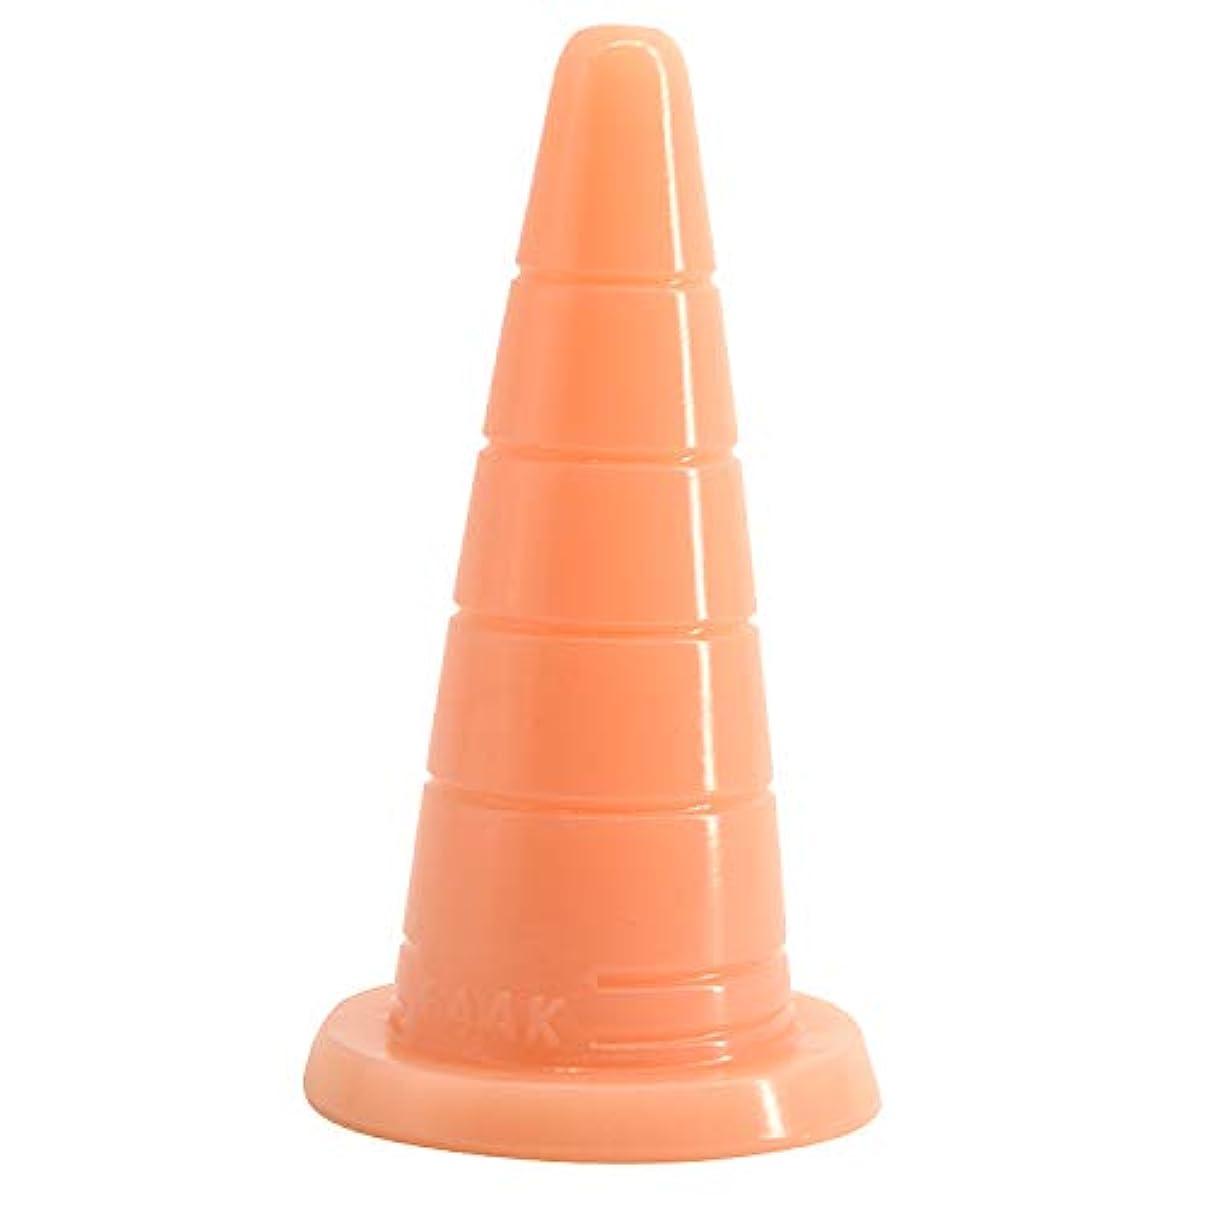 忌避剤カプラーランプディルド、特大アナルプラグ大人の女性smバックコート刺激オーガズム用品セクシーなマッサージのおもちゃ18.2センチ